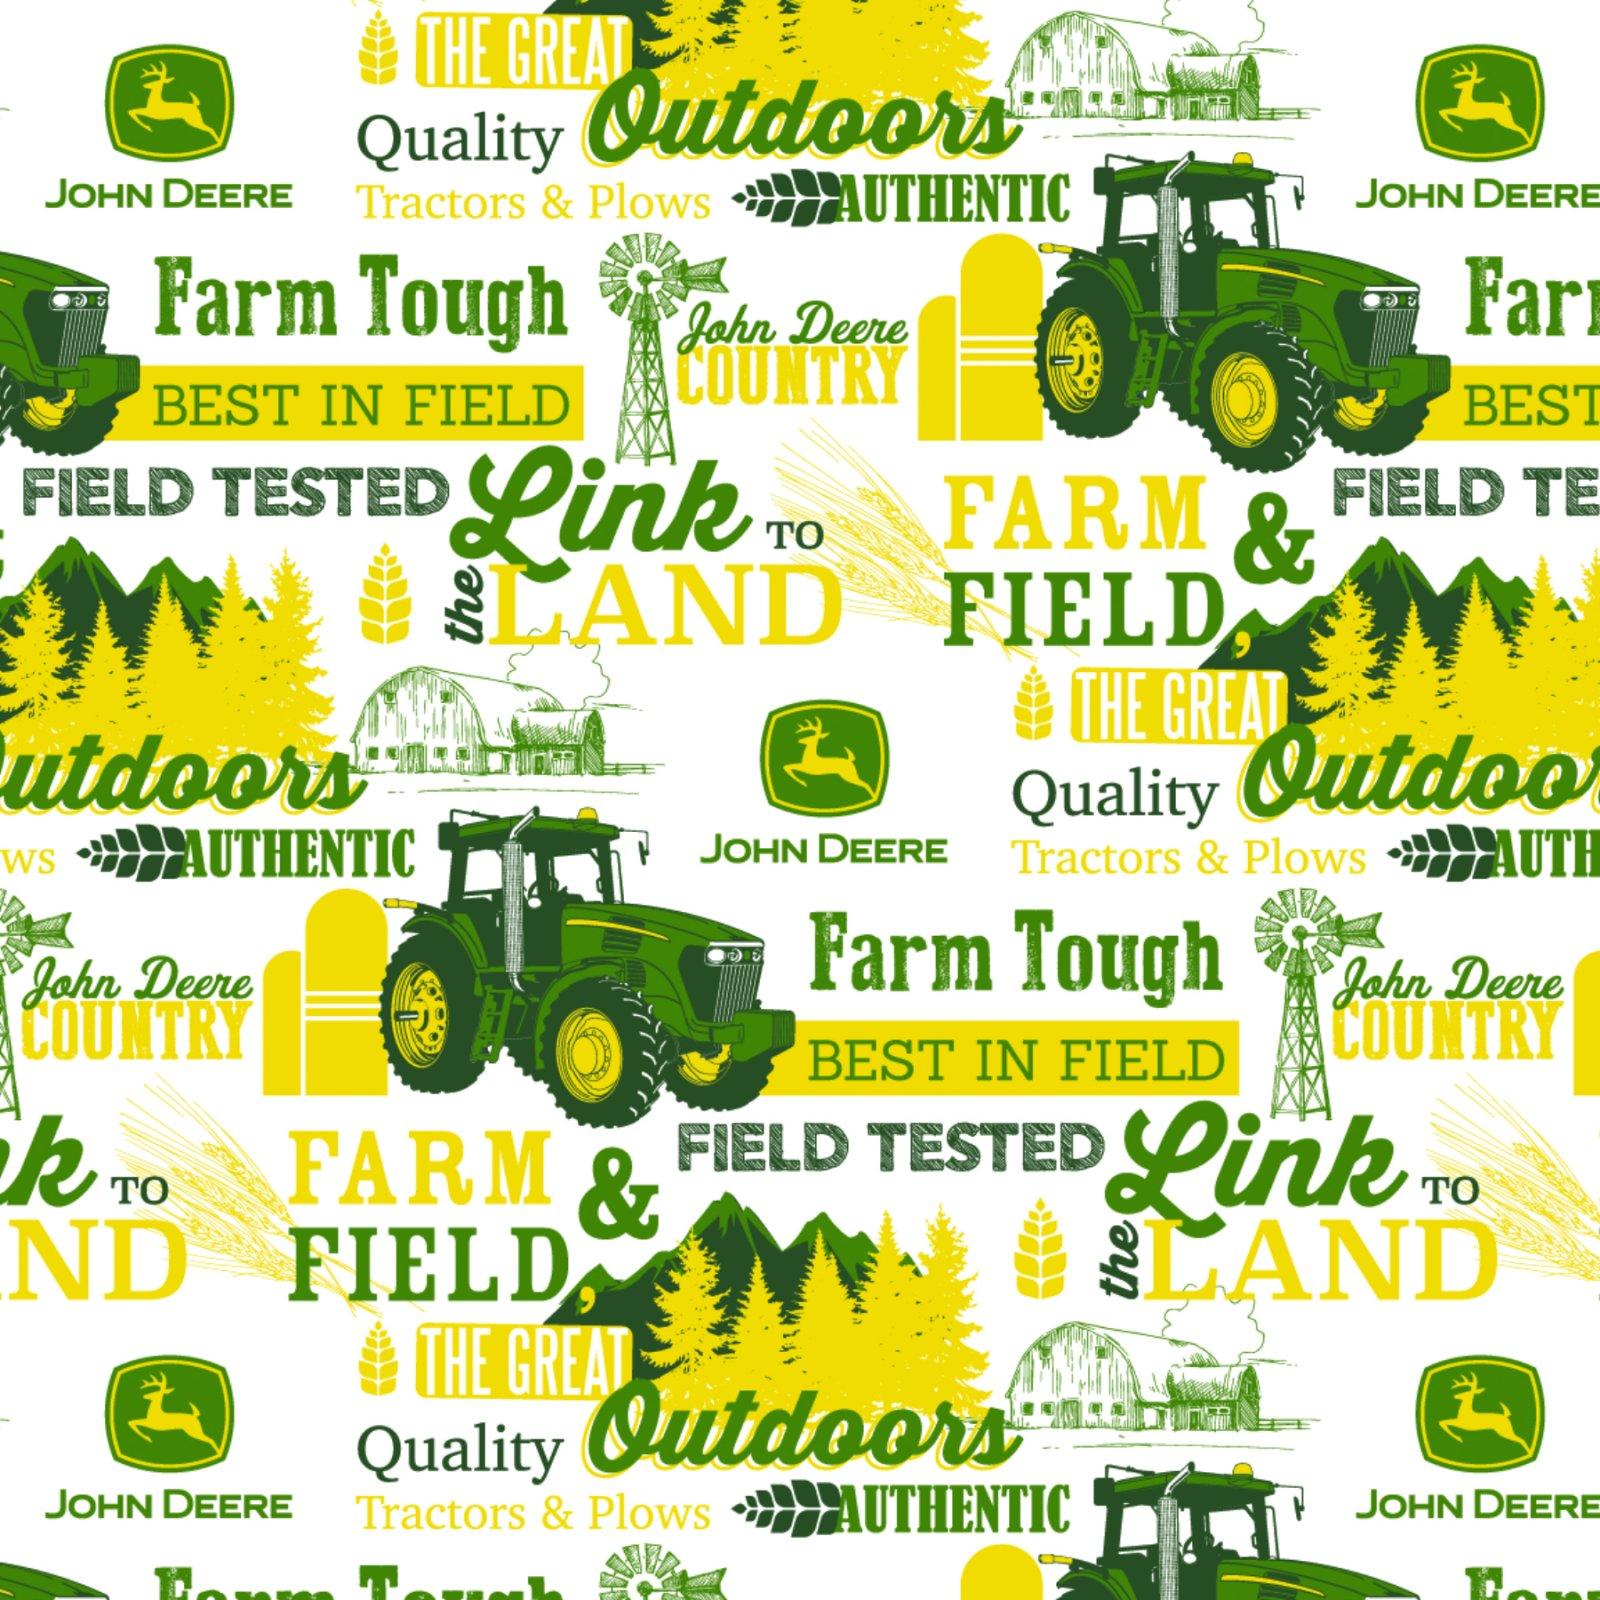 SC-John Deere Cotton 64090 Farm & Field, The Great Outdoors